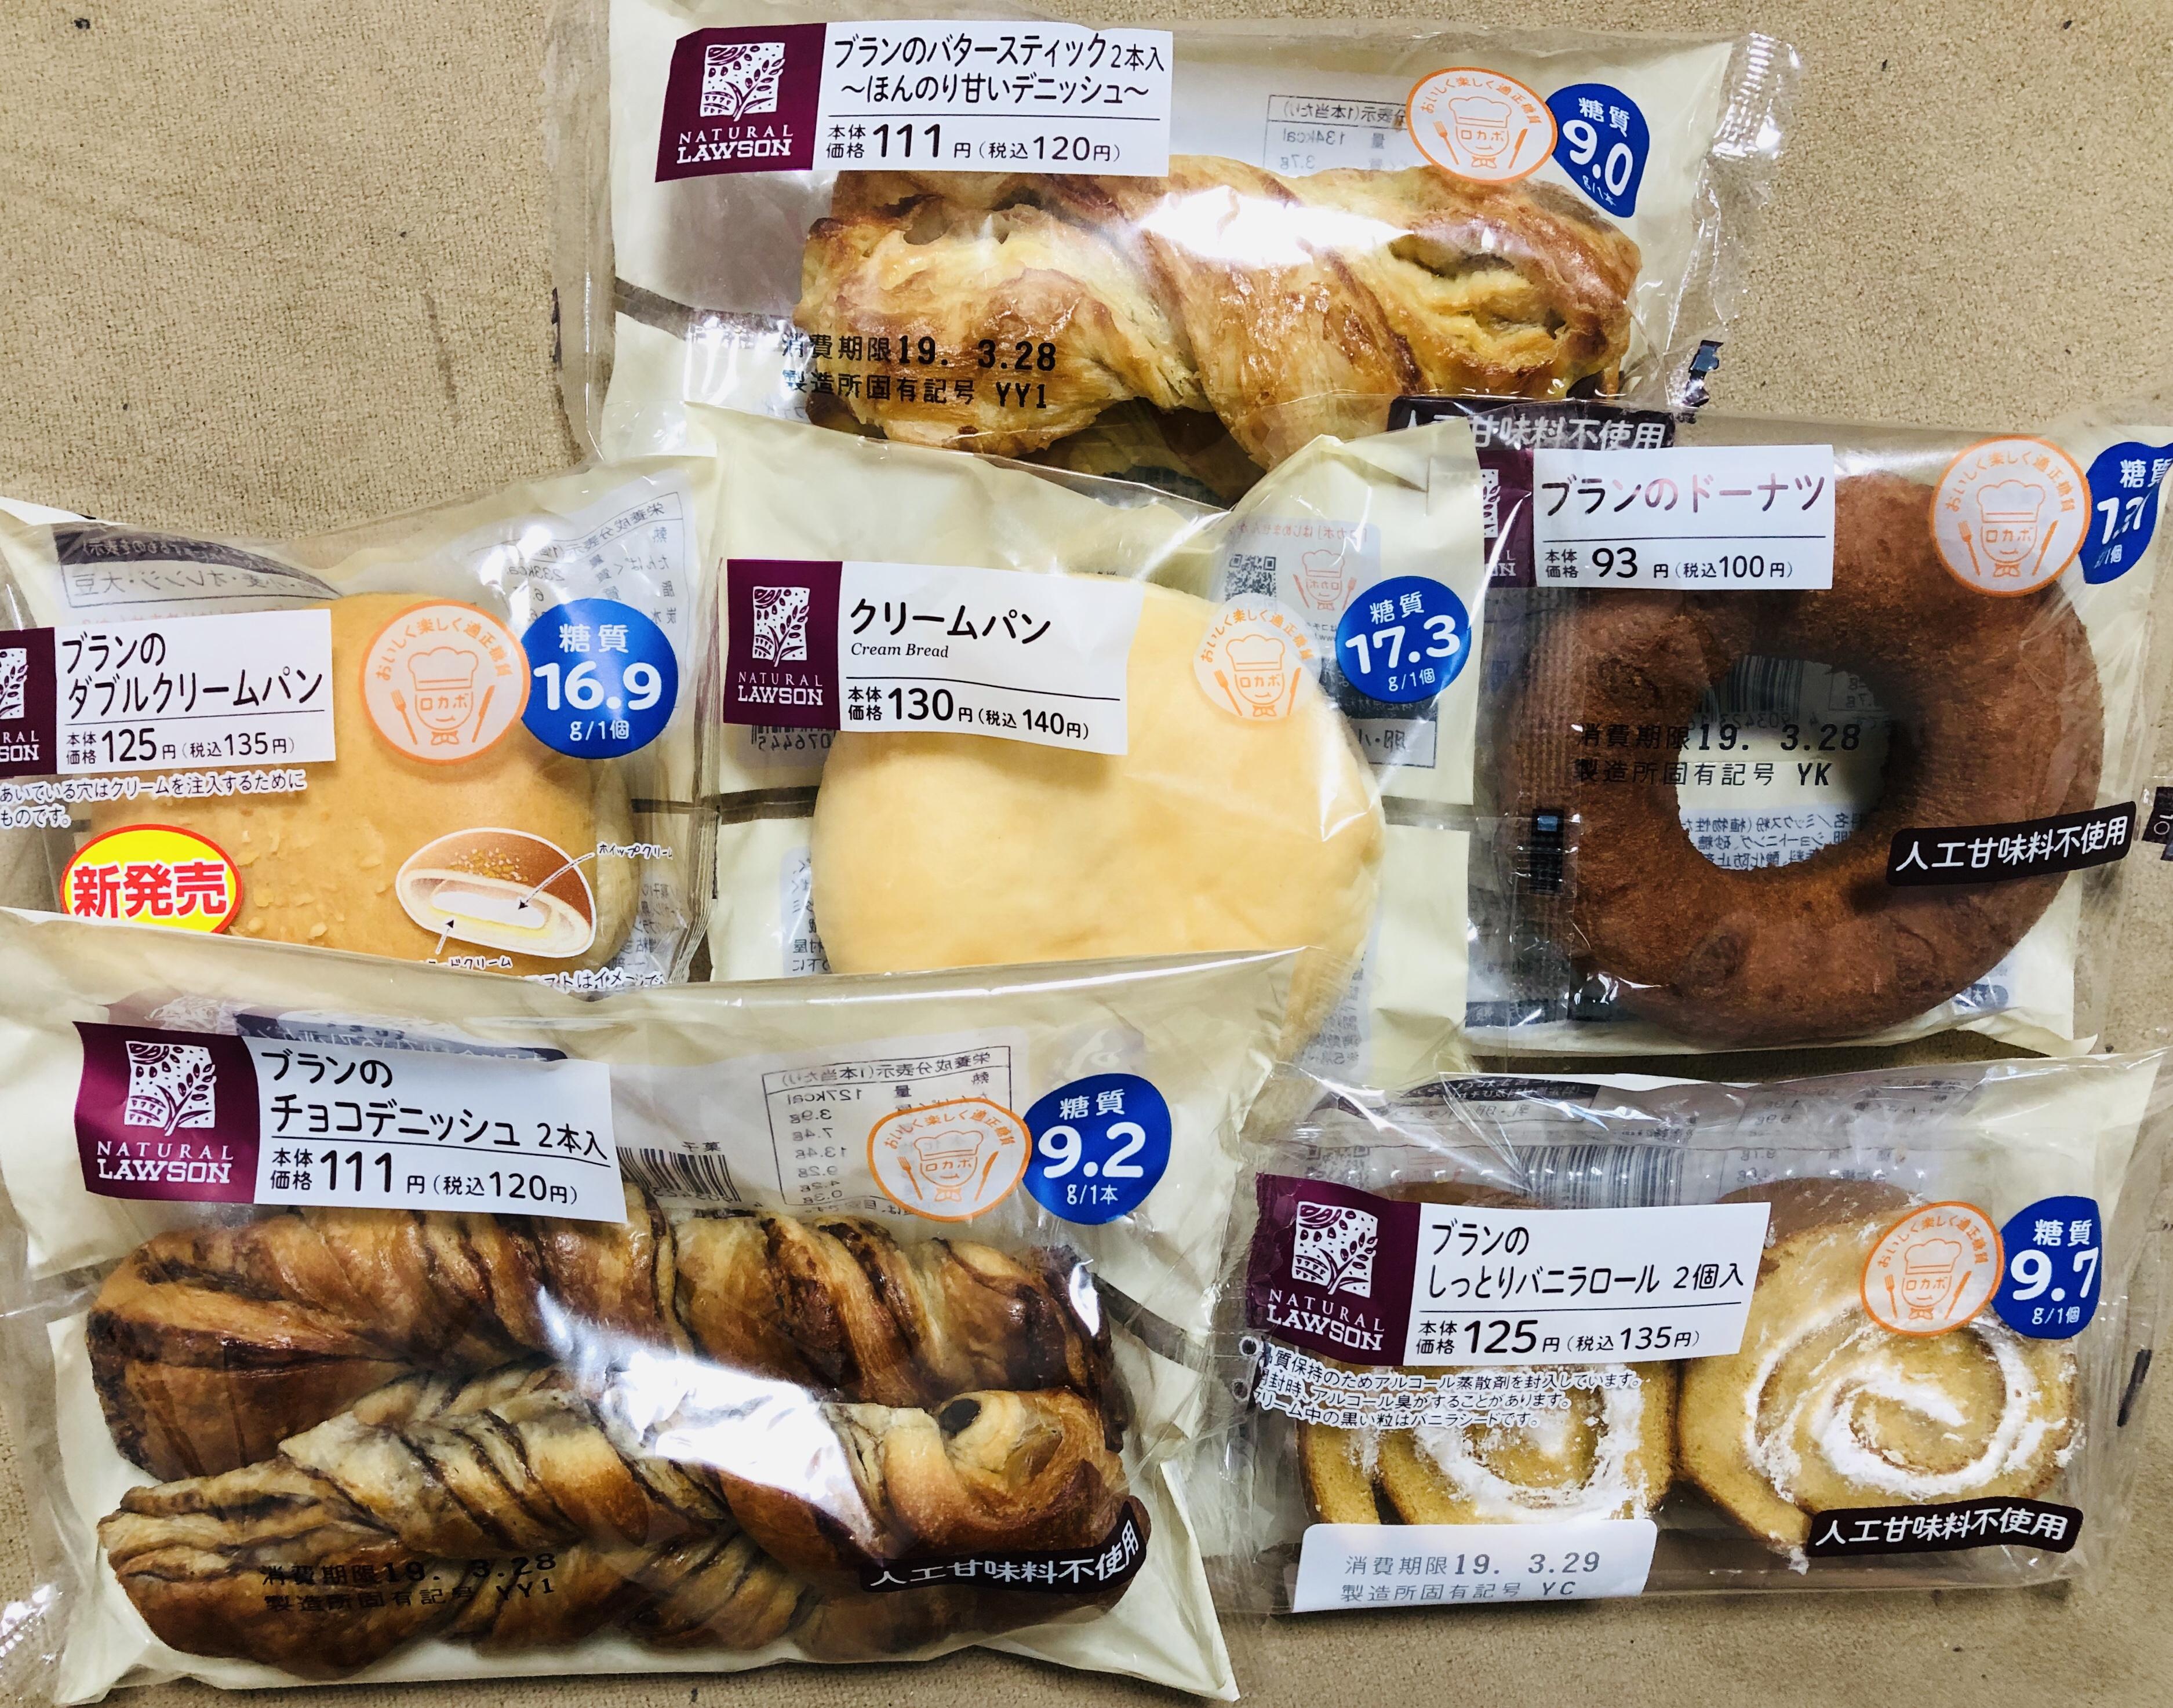 【食べ比べ】ローソンの糖質の低い菓子パン6種類